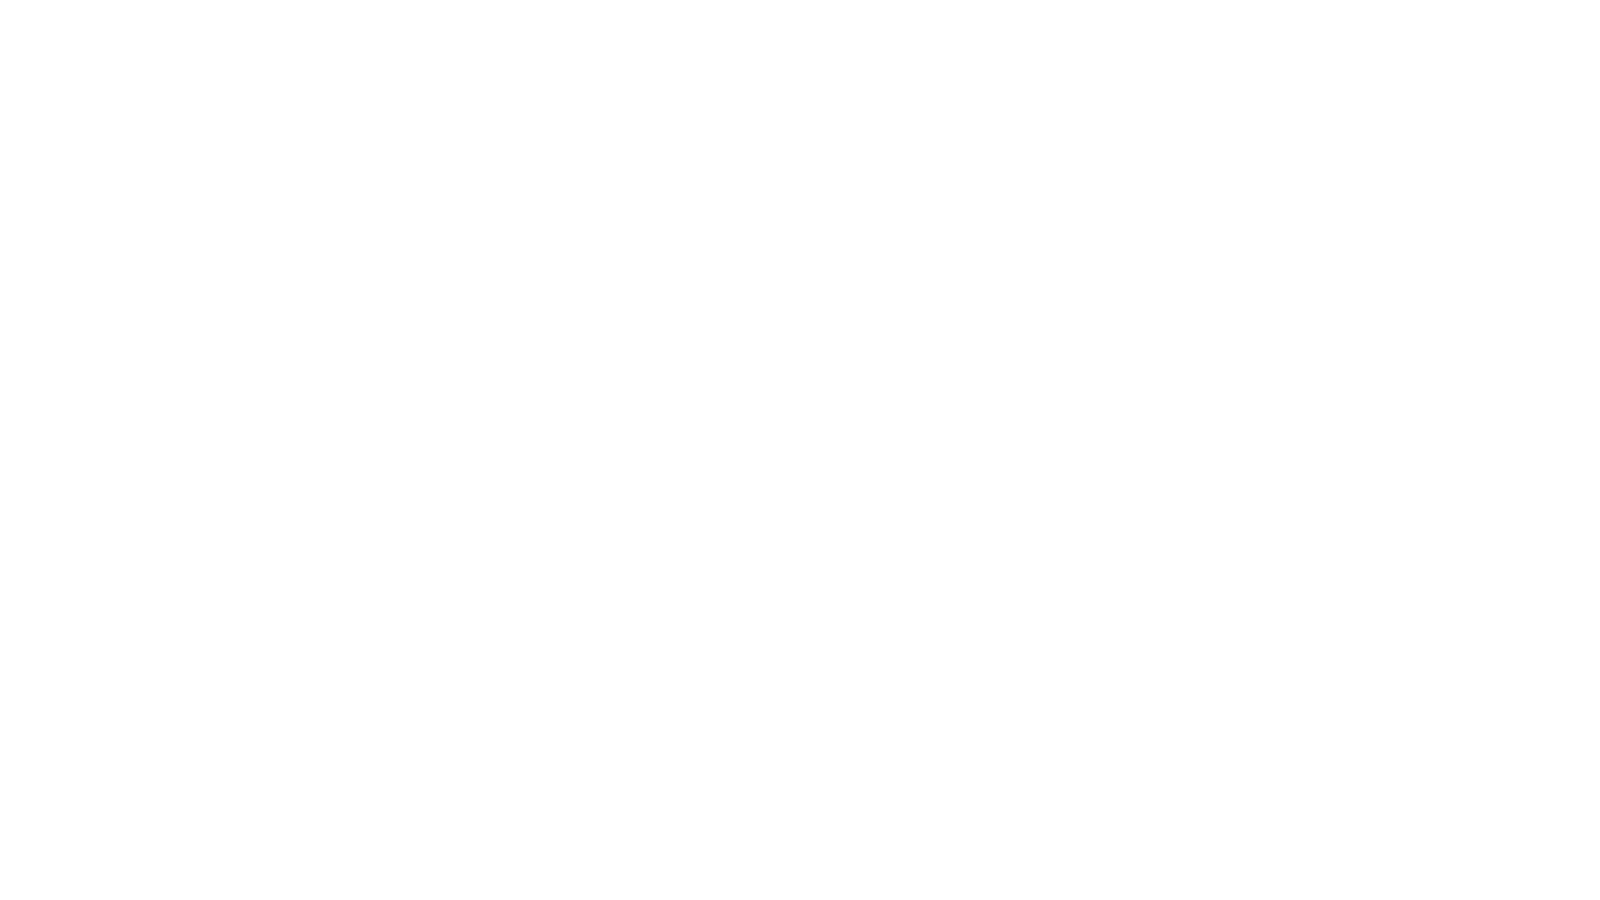 Une ligne syntropique a été plantée en février 2021 à la Maison de Tel'Aime, éco-lieu en Sologne. https://www.lamaisondetelaime.com  *Les vidéos sont un outil pour la transition agroécologique.  Découvrez le projet d'Ecole d'Agroécologie Voyageuse sur le site http://lesagronhommes.com !  *En adhérant à l'association Les Agron'Hommes, soutenez le projet d'Ecole d'Agroécologie Voyageuse:  https://www.helloasso.com/associations/les-agron-hommes/adhesions/adhesion-agron-homme